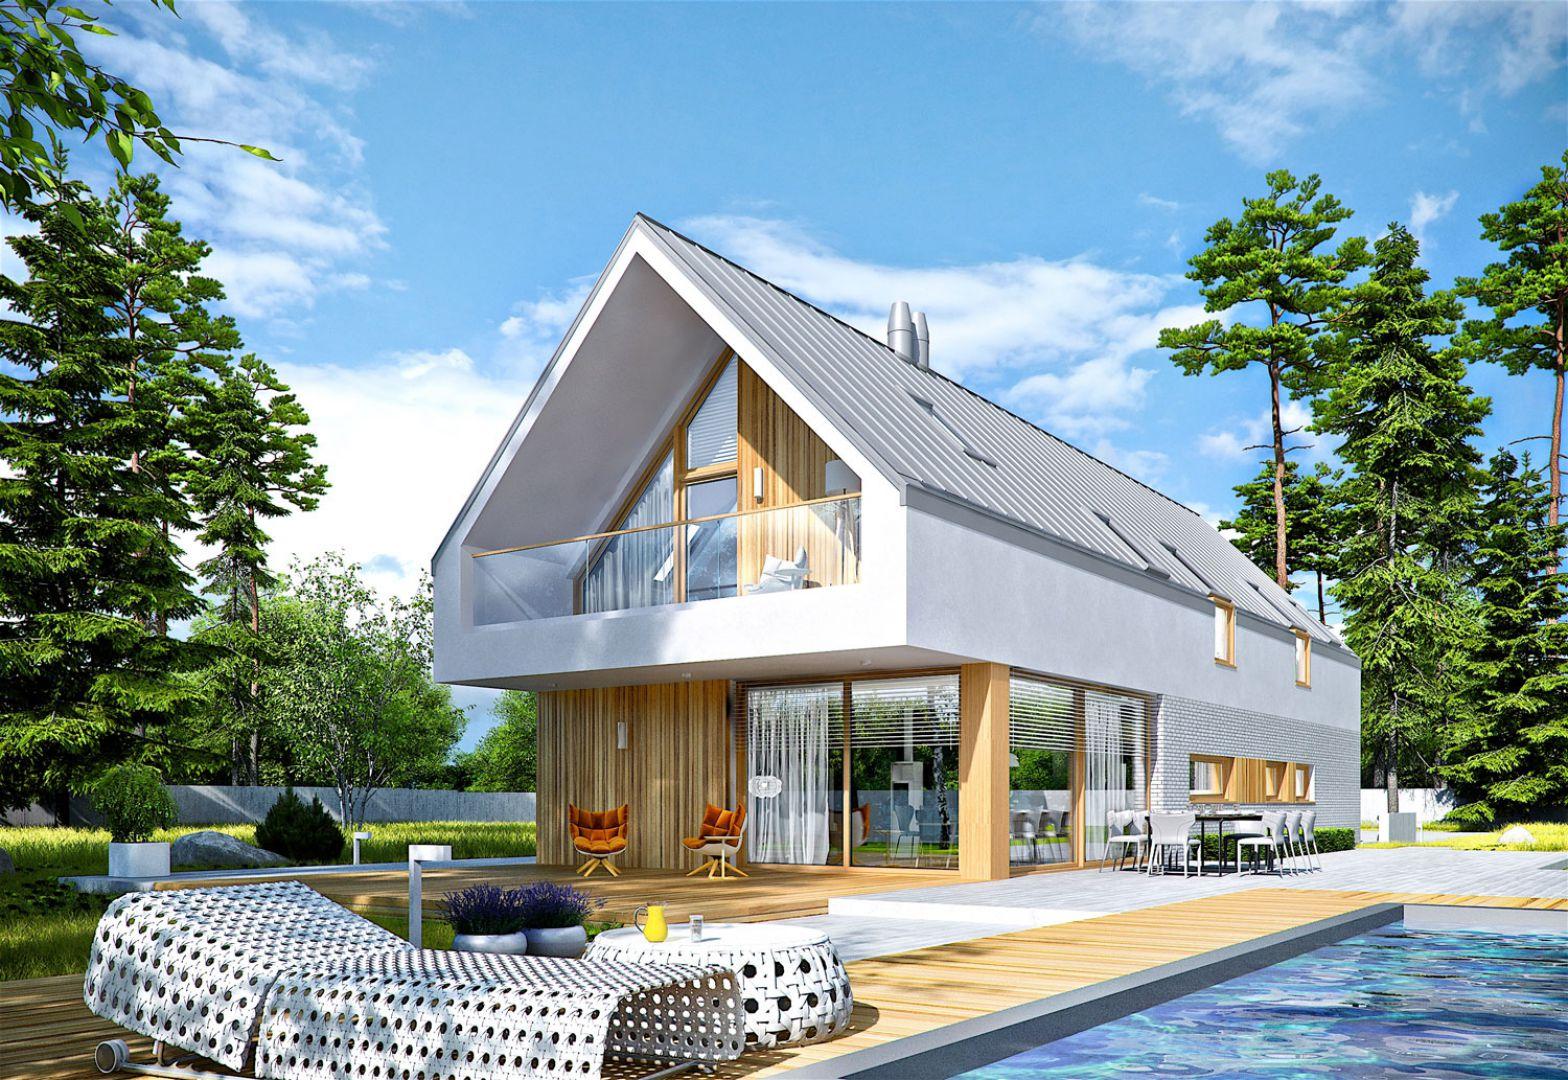 EX 20 G2 Energo Plus udowadnia, że dom na wąską działkę wcale nie musi mieć małej powierzchni użytkowej. Dom EX 20 G2 Energo Plus. Projekt: arch. Artur Wójciak. Fot. Pracownia Projektowa Archipelag